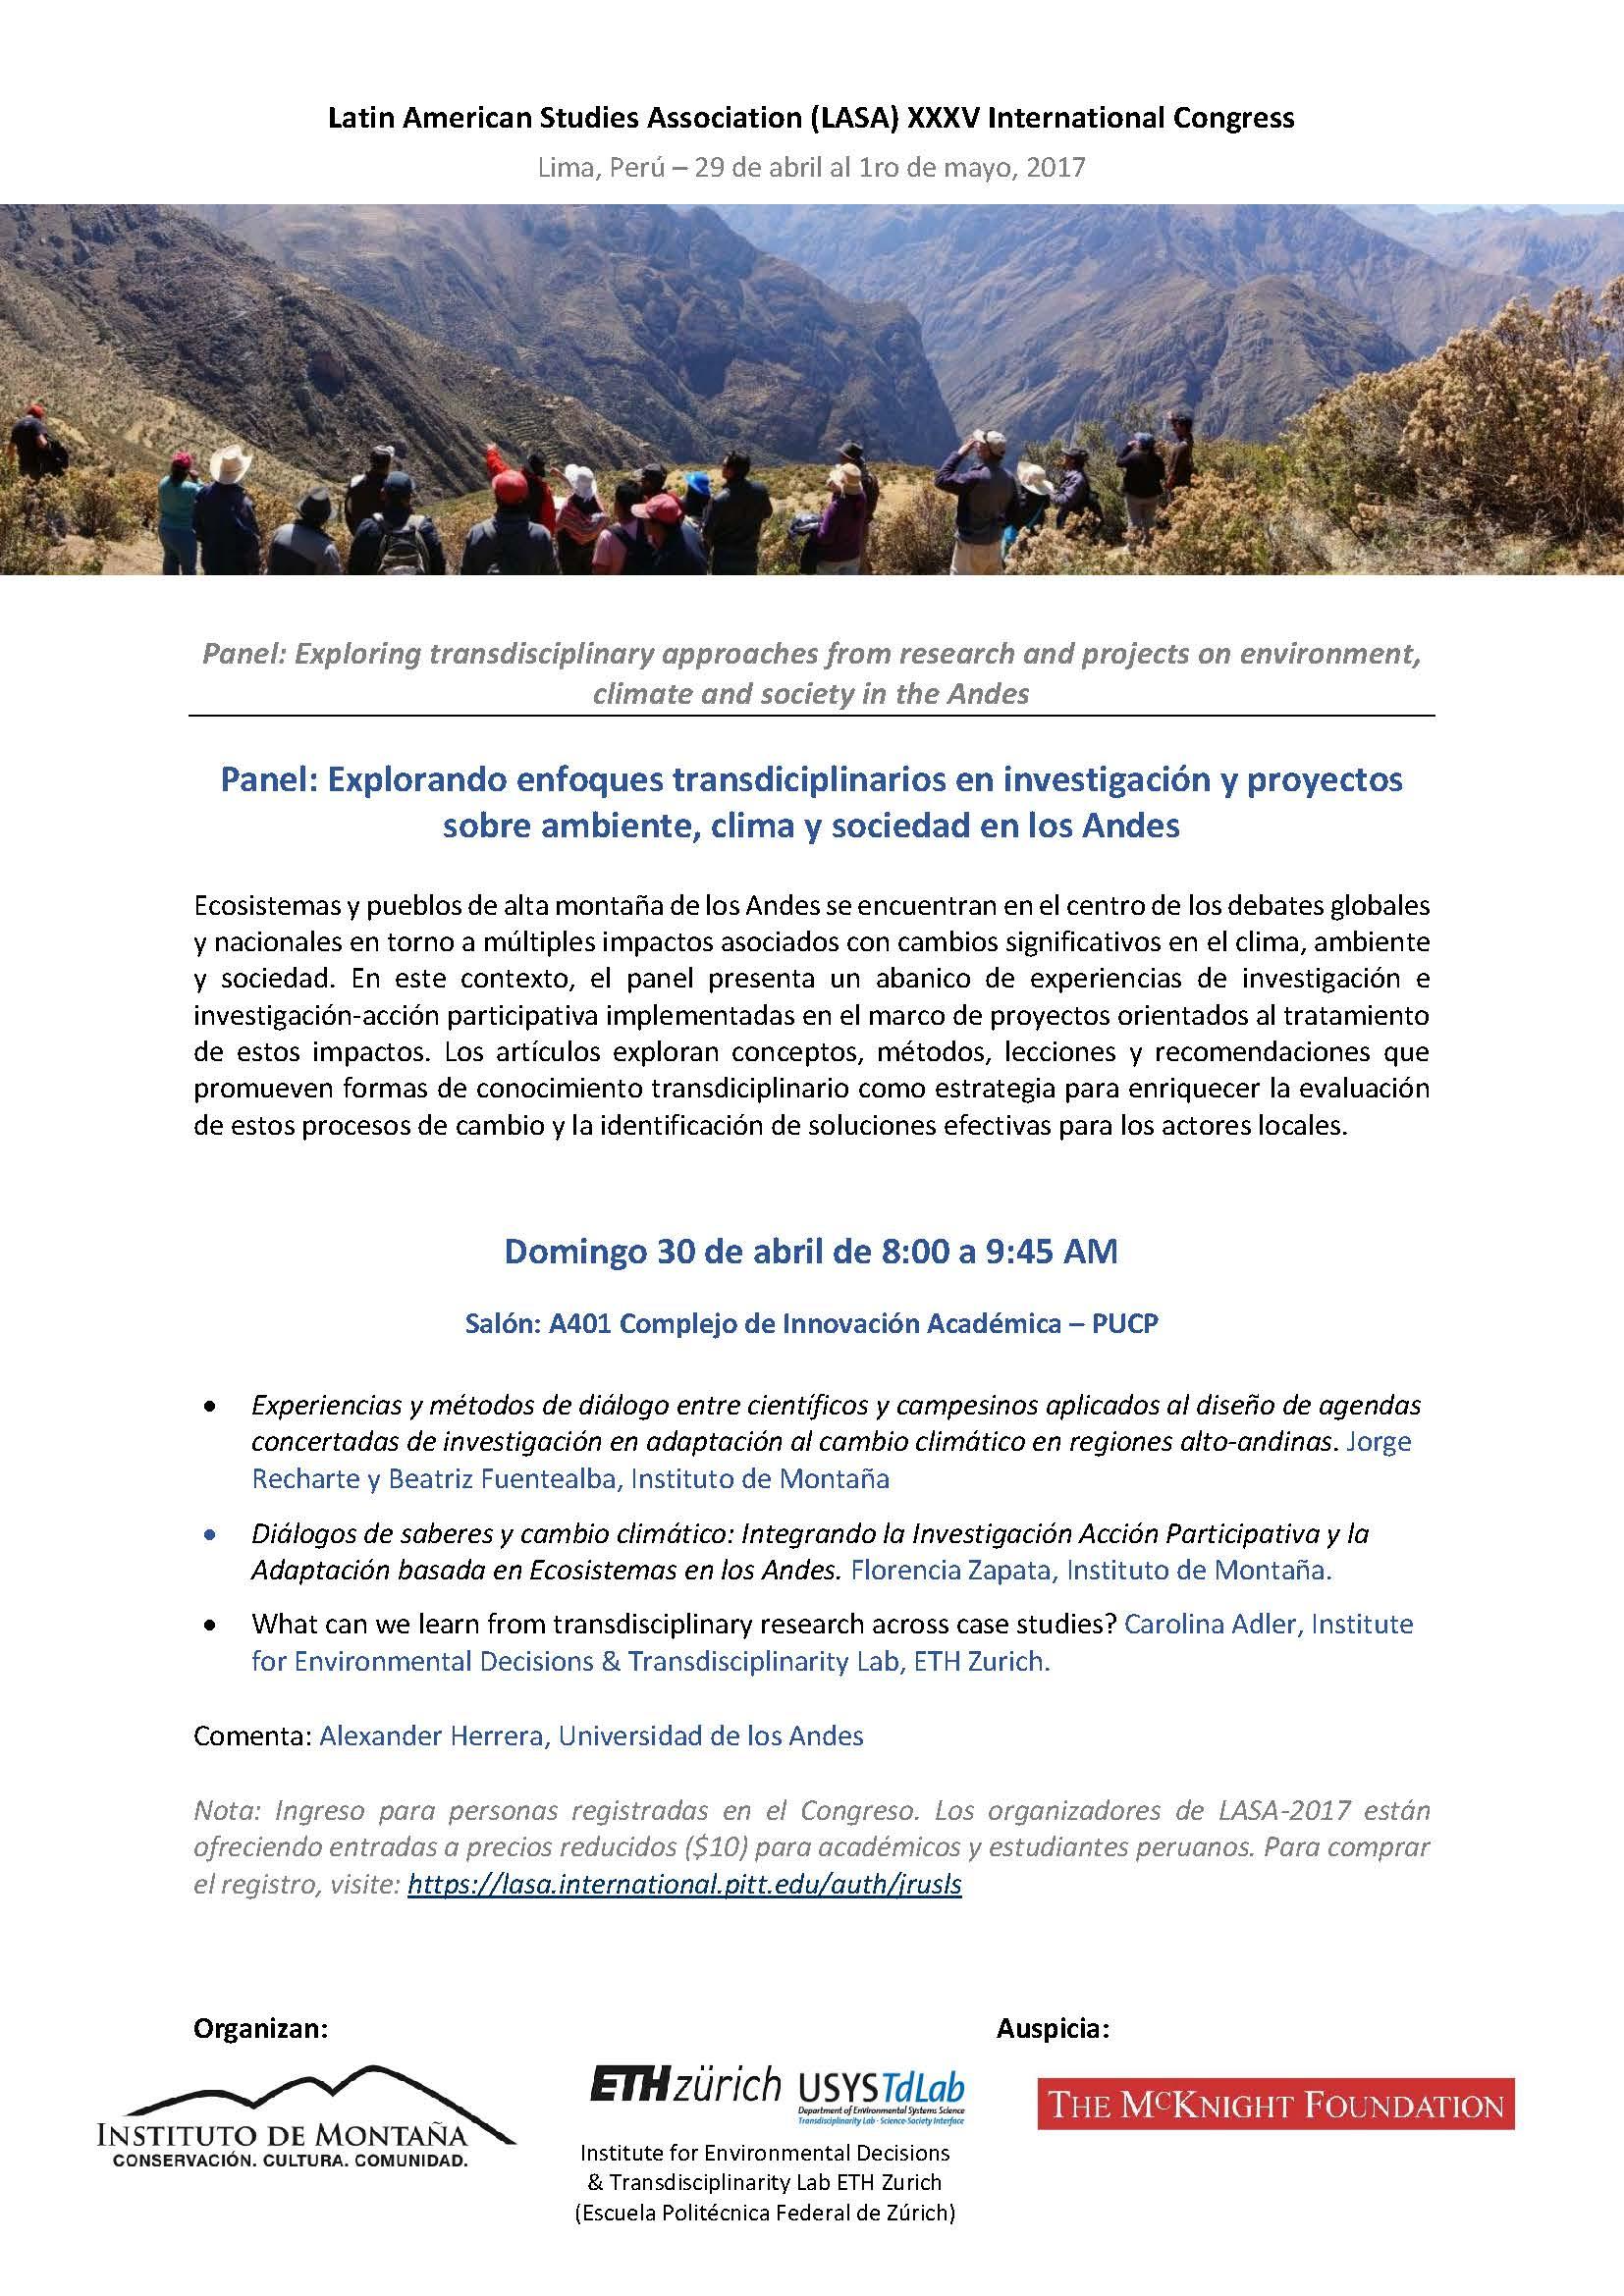 Explorando enfoques transdiciplinarios en investigación y proyectos sobre ambiente, clima y sociedad en los Andes